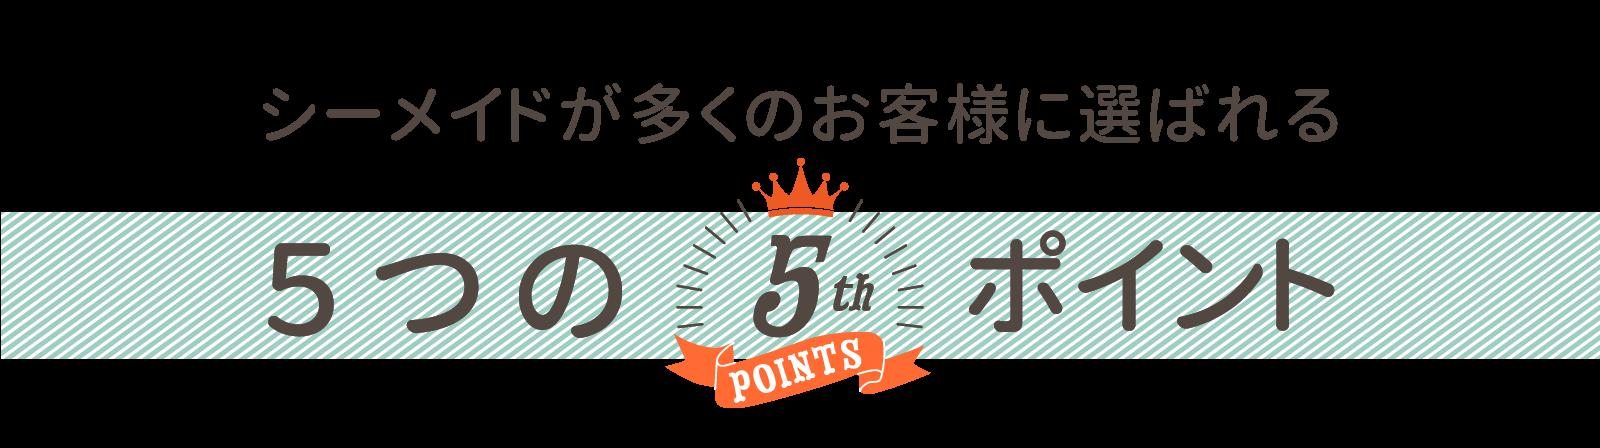 シーメイドが多くのお客様に選ばれる5つのポイント!